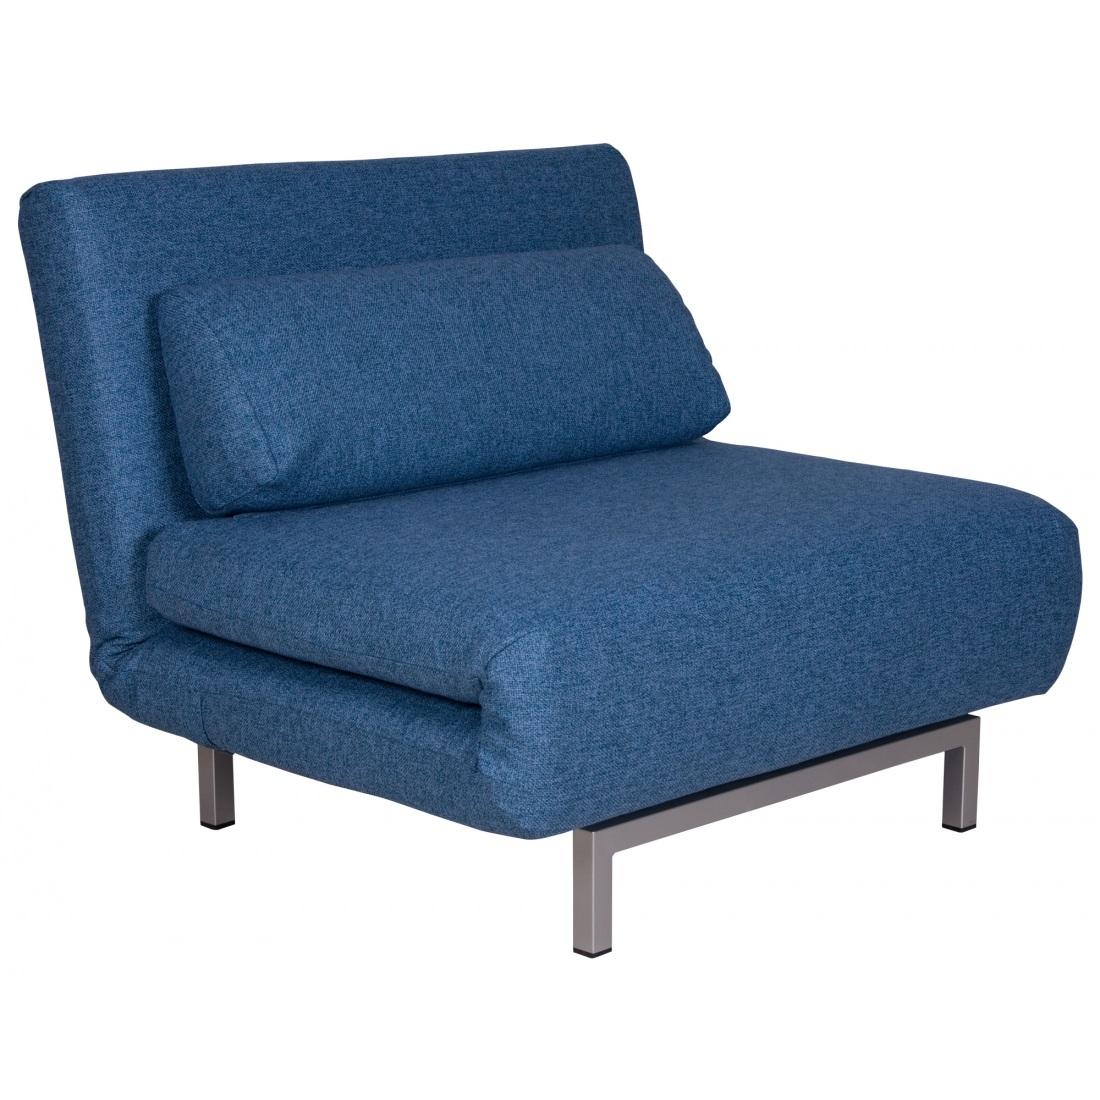 Schlafsessel Design schlafsessel blau designer sessel mit schlaffunktion moebel liebe com